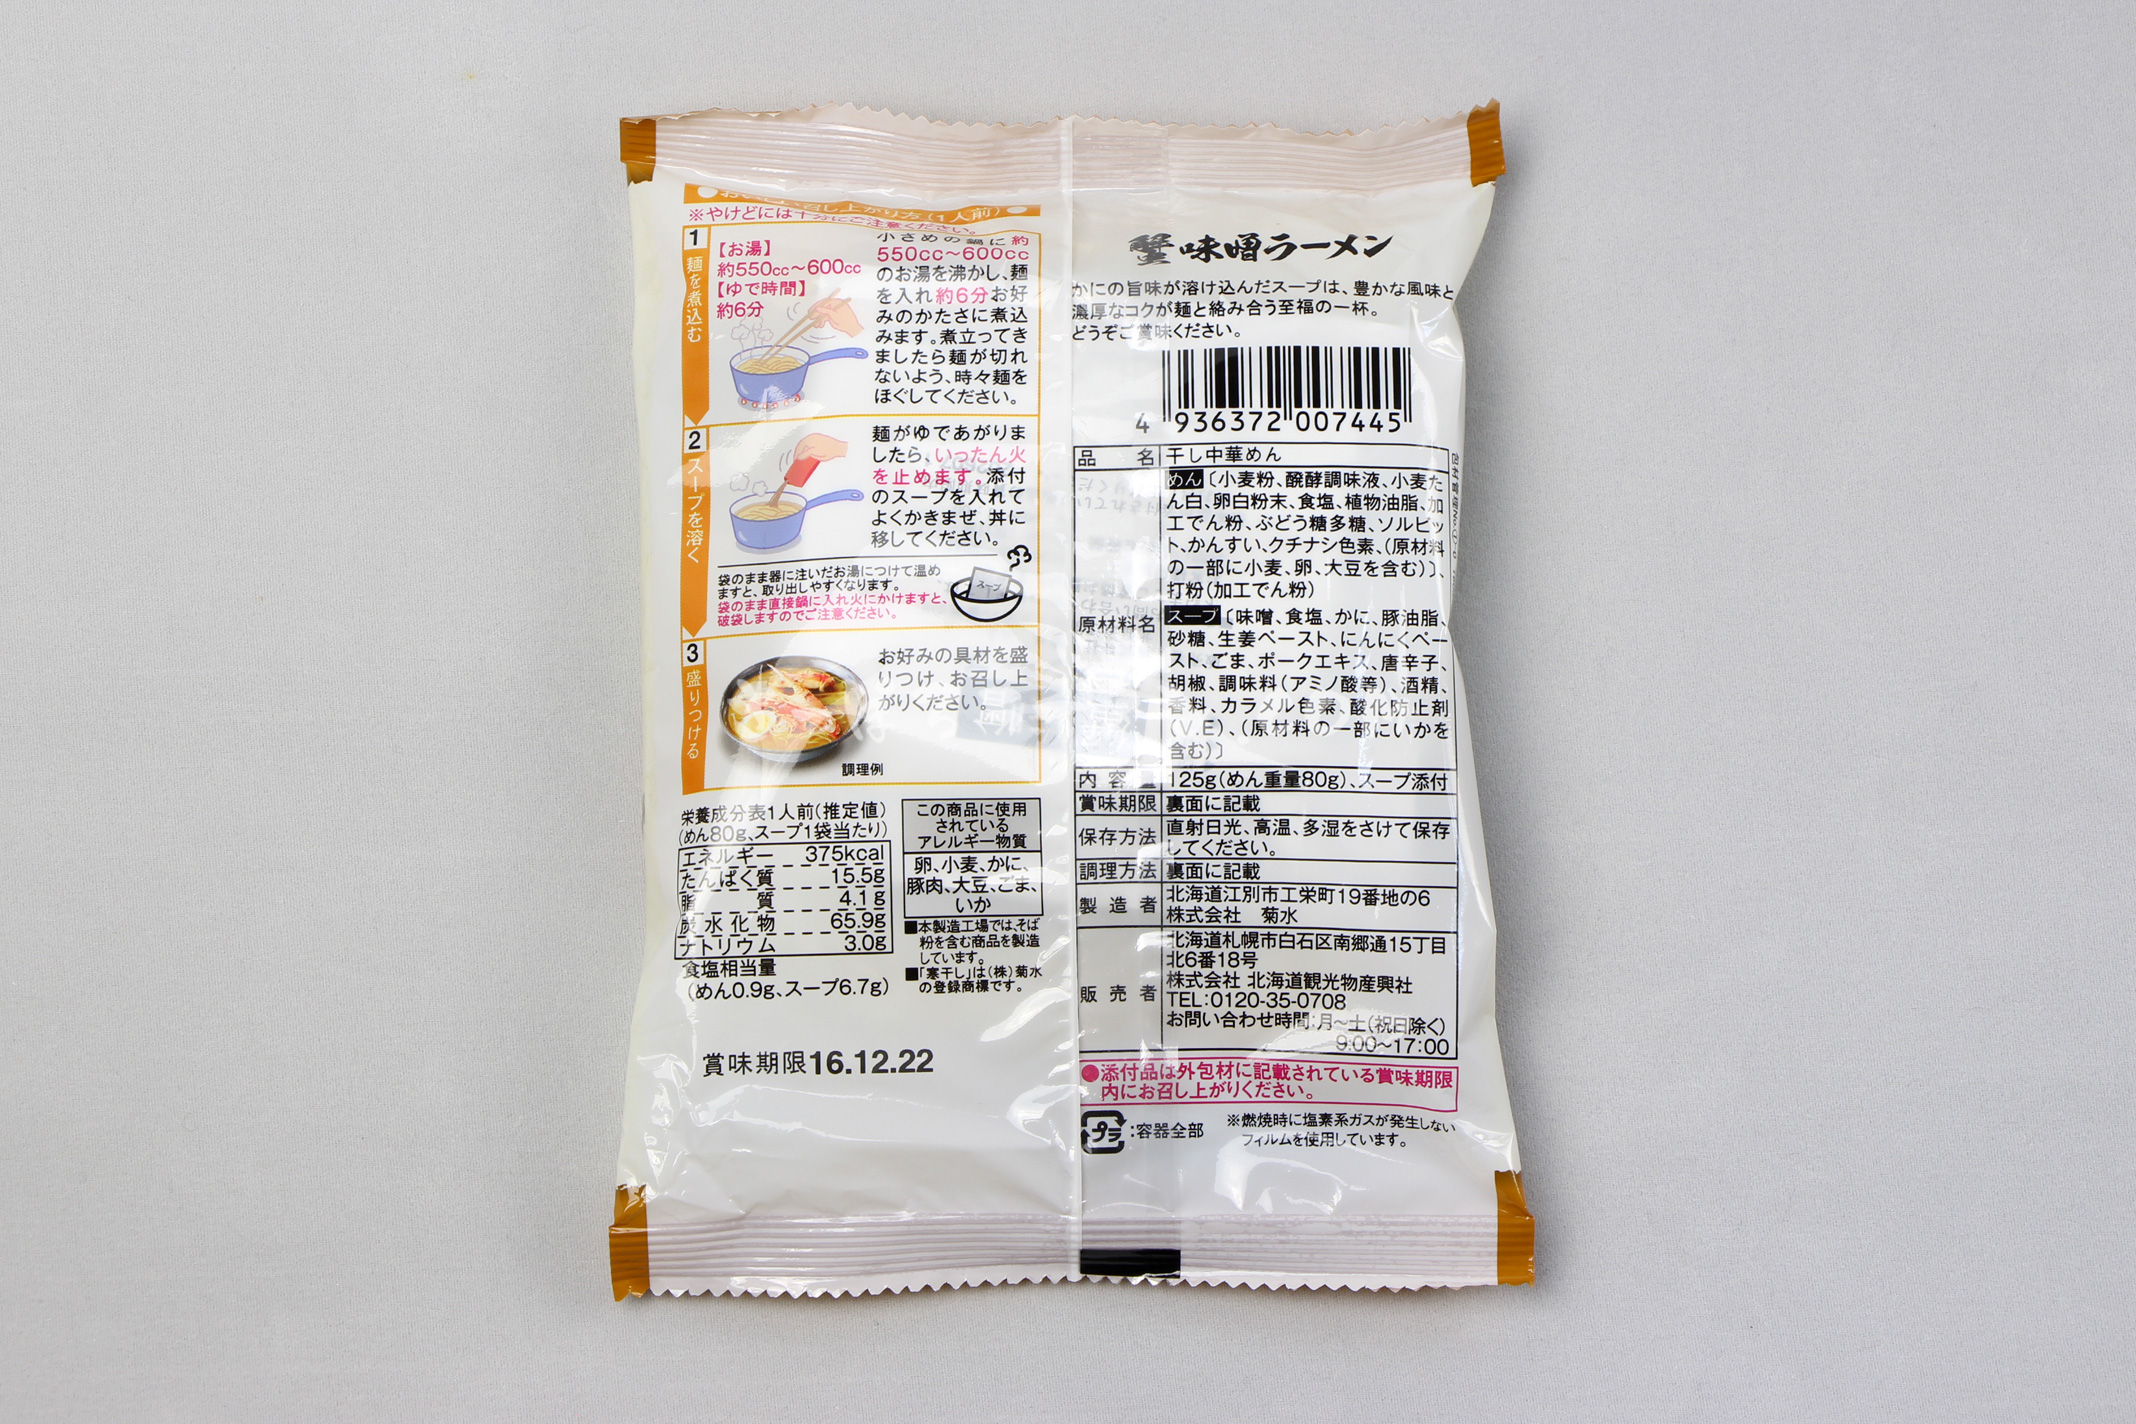 「北海道限定販売 寒干し 蟹味噌ラーメン」(菊水)のパッケージ(裏)